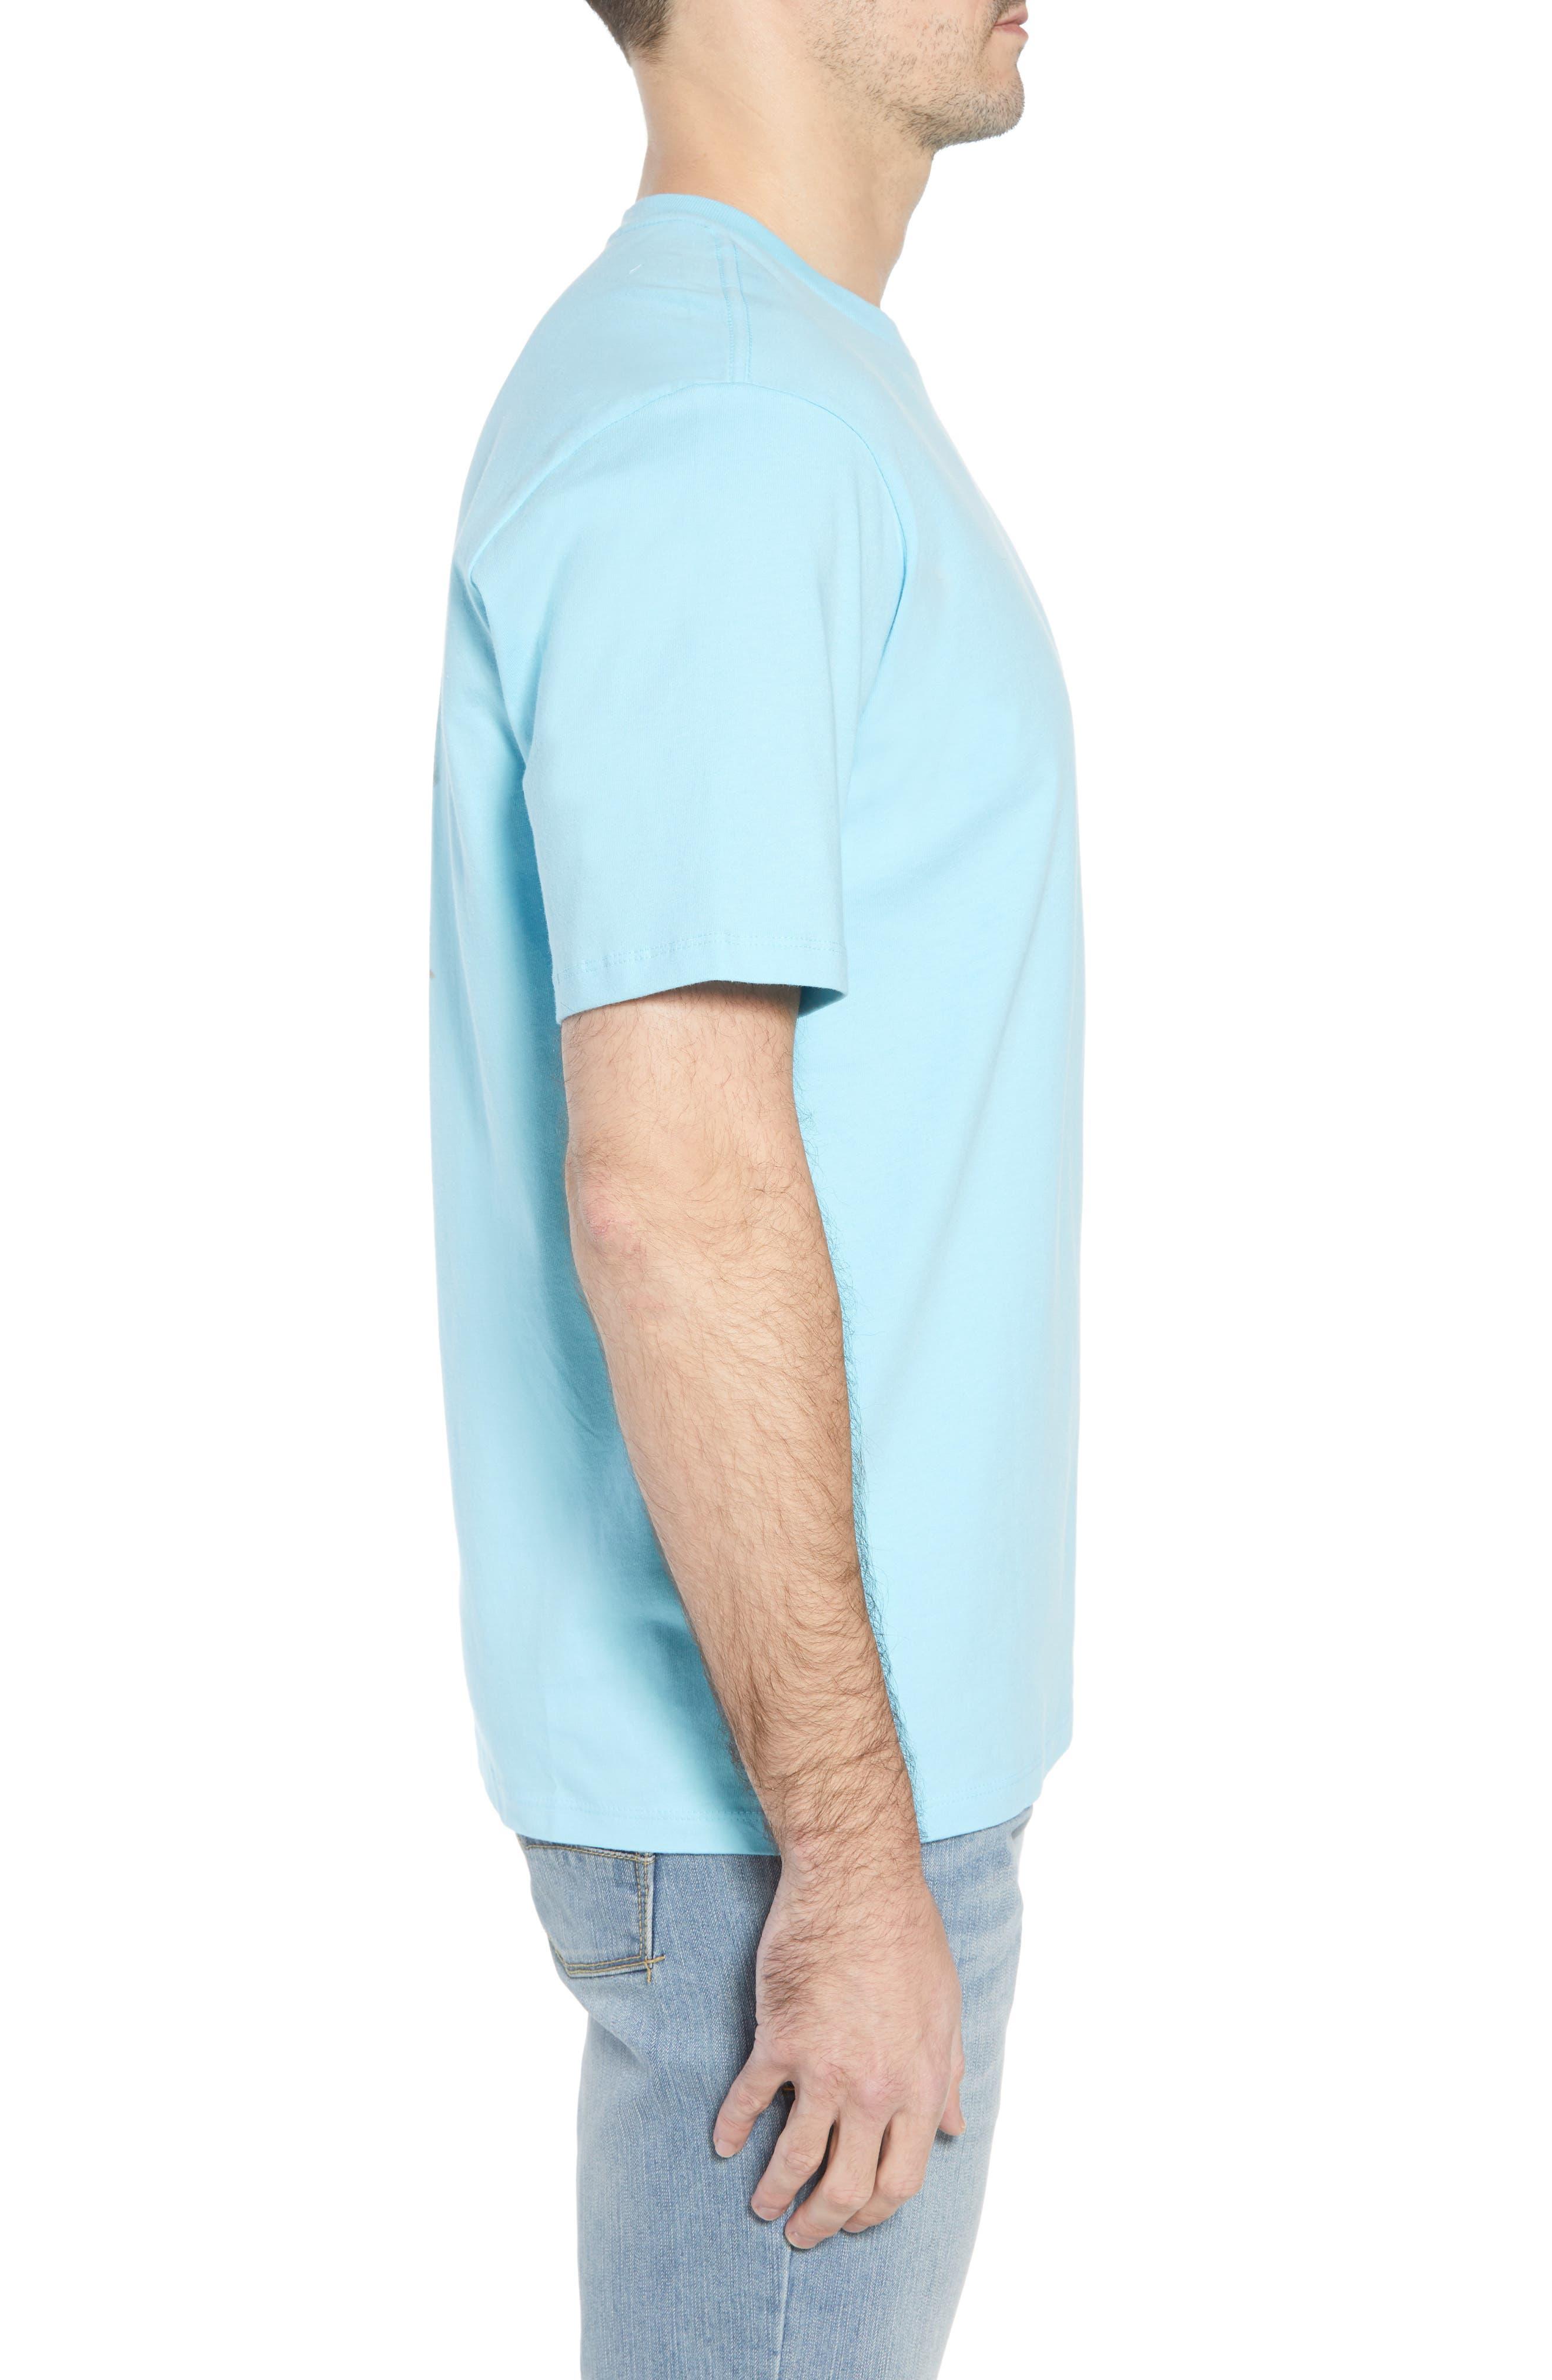 Pail-Eo Diet T-Shirt,                             Alternate thumbnail 3, color,                             Bowtie Blue